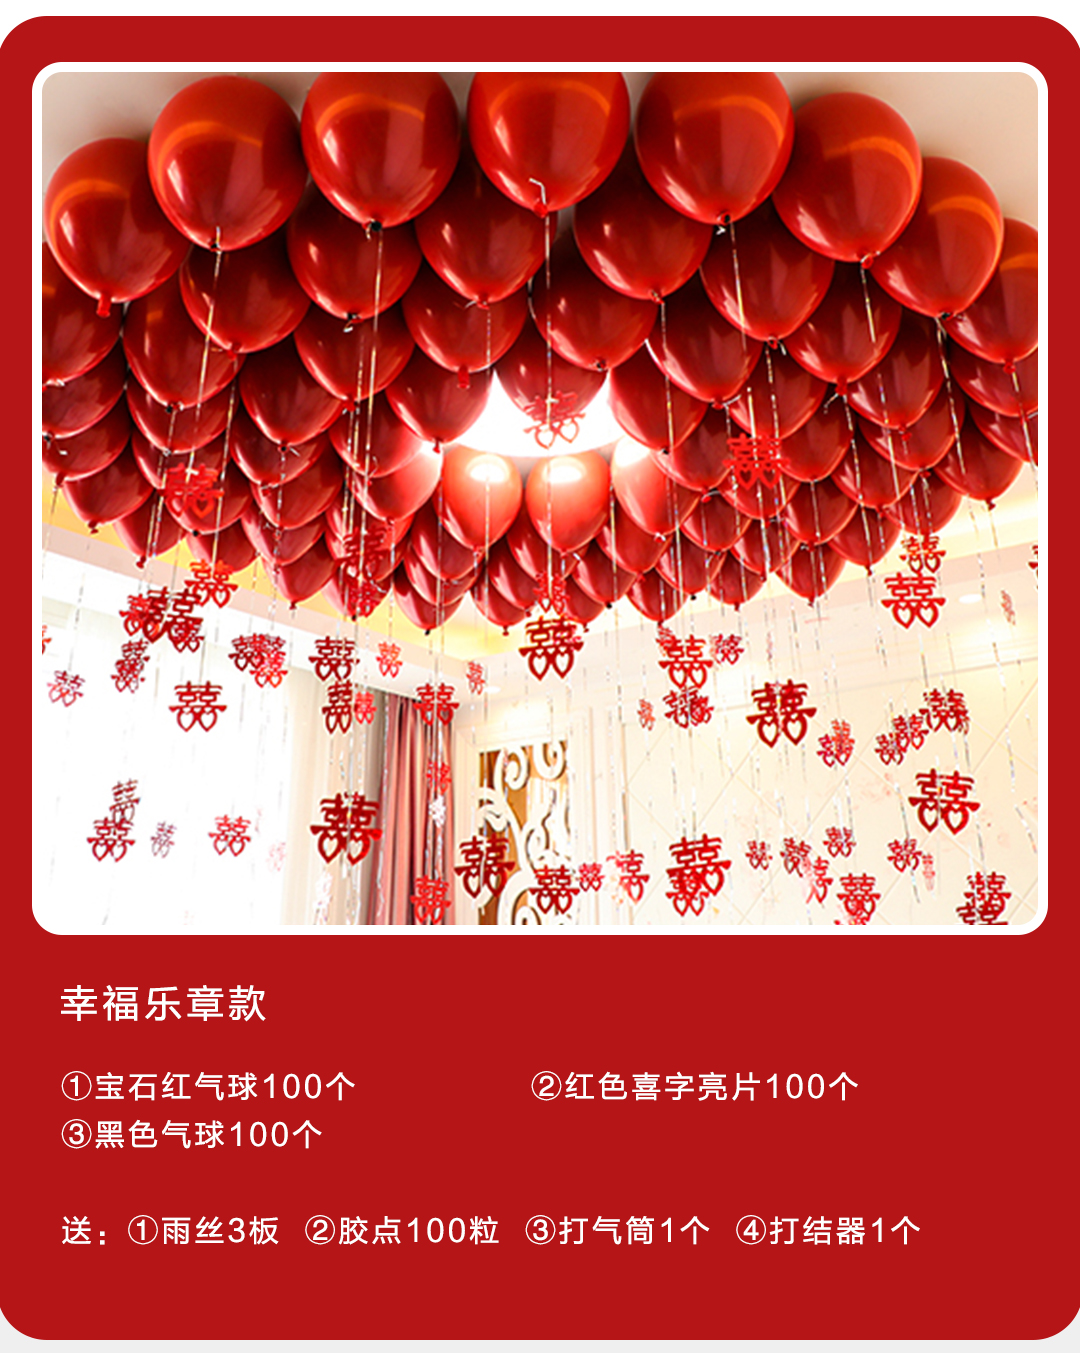 婚房布置宝石红飘空气球